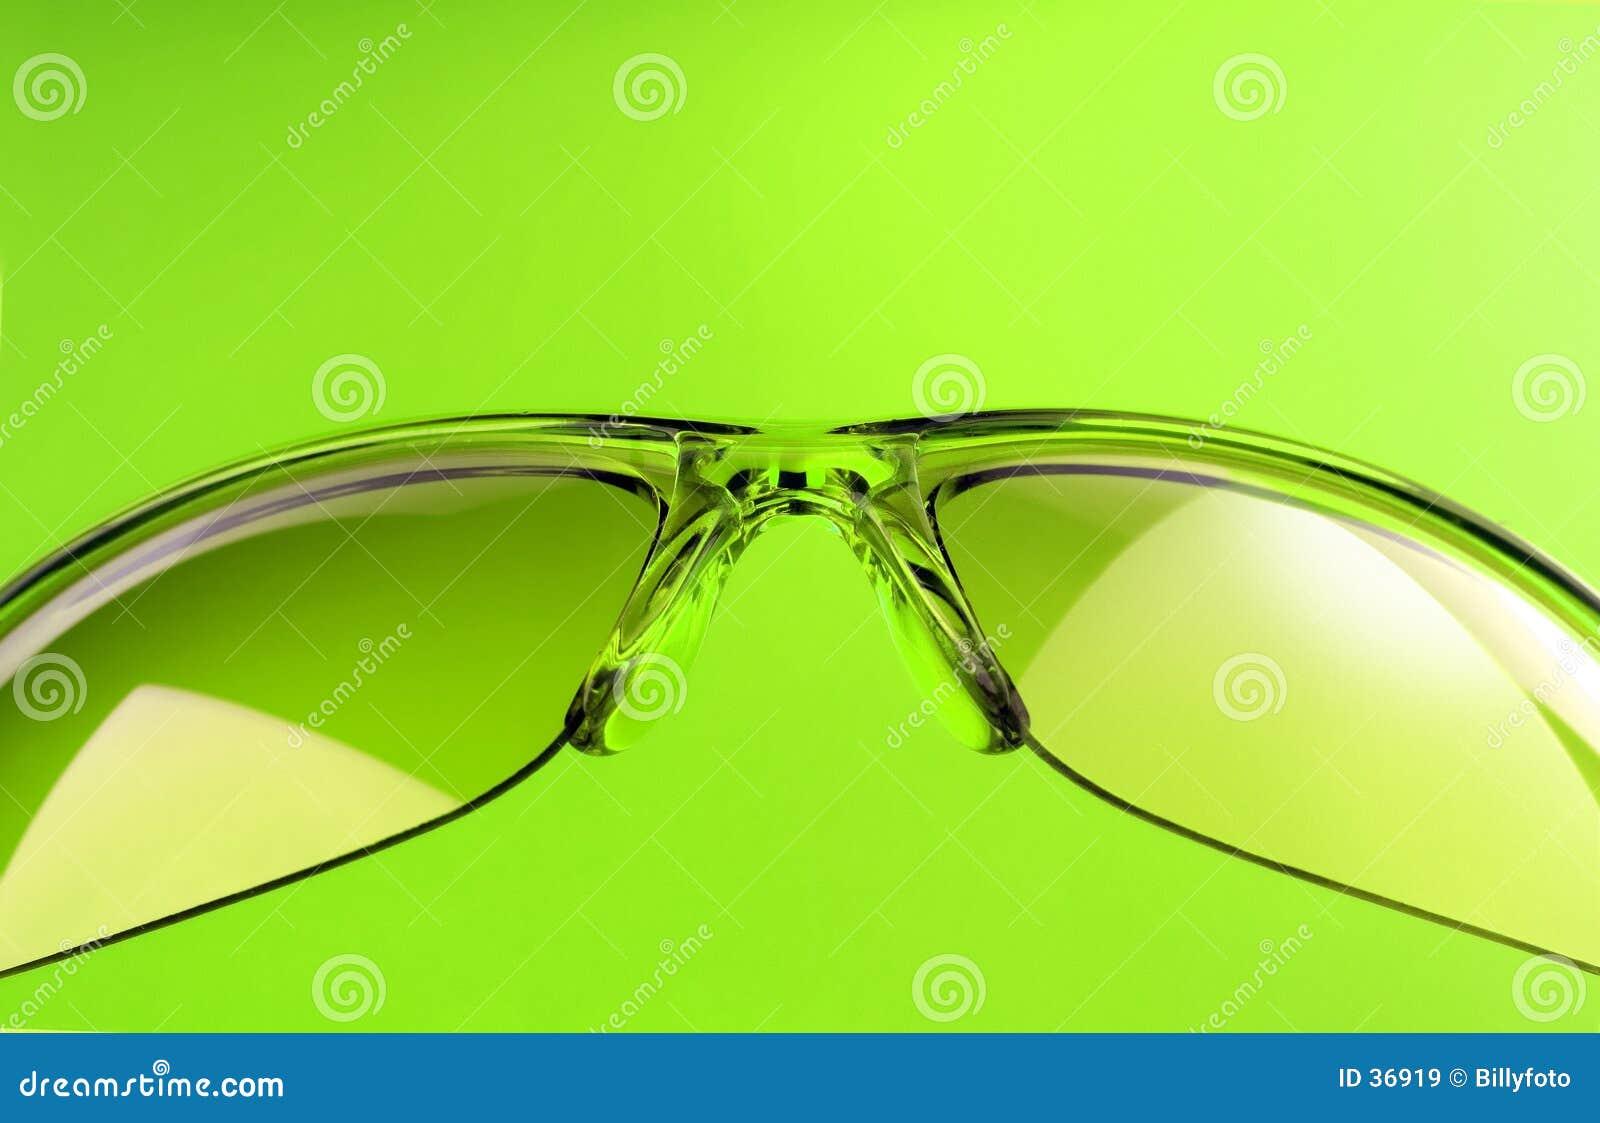 Download Grüne Sonnenbrillen stockbild. Bild von protect, auge, feld - 36919